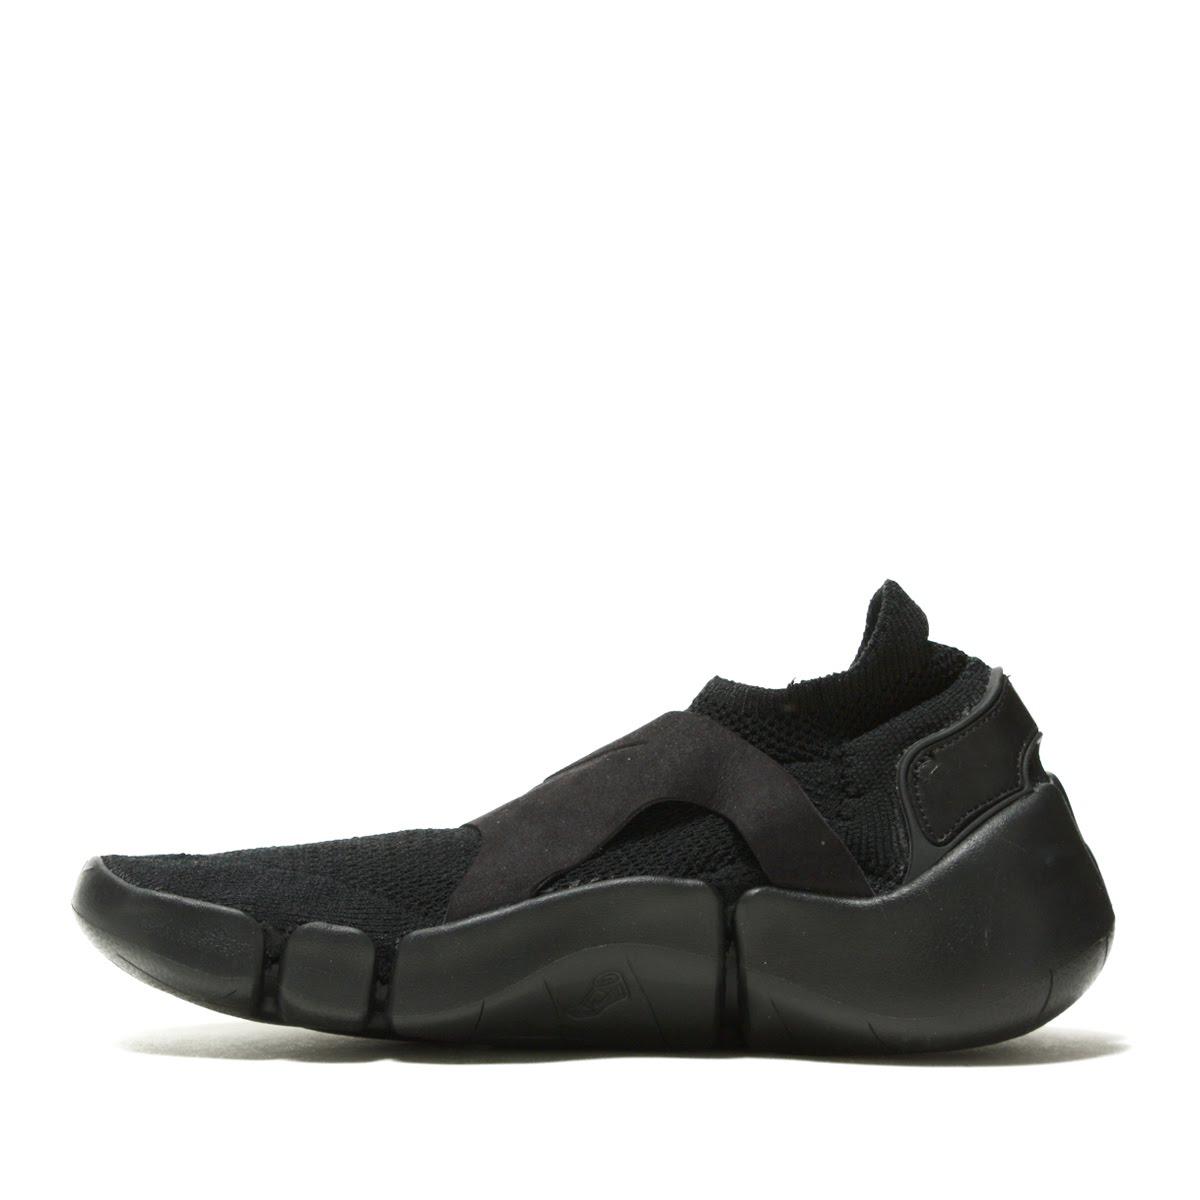 6162ad38c3cc NIKE FOOTSCAPE FLYKNIT DM (Nike feet cape fried food knit DM) BLACK BLACK- BLACK 18SP-I